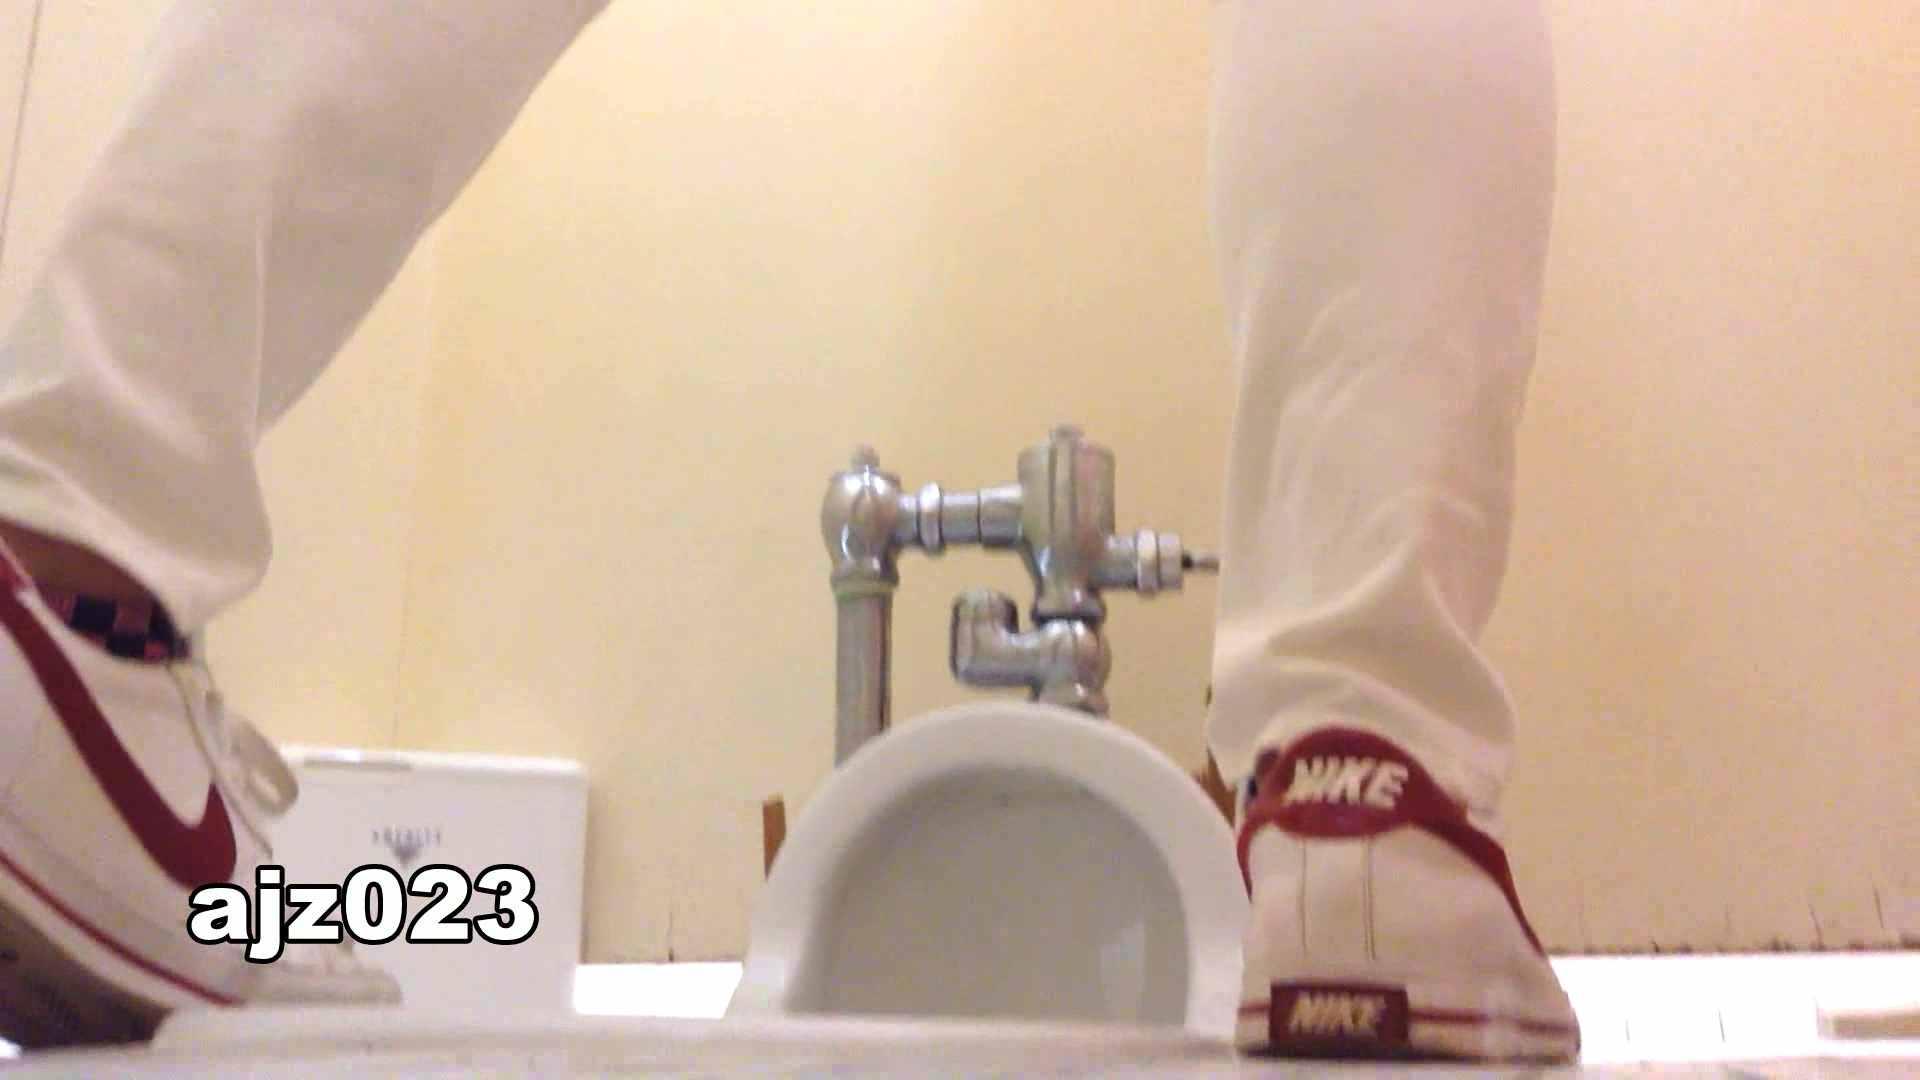 某有名大学女性洗面所 vol.23 洗面所 | HなOL  98pic 16